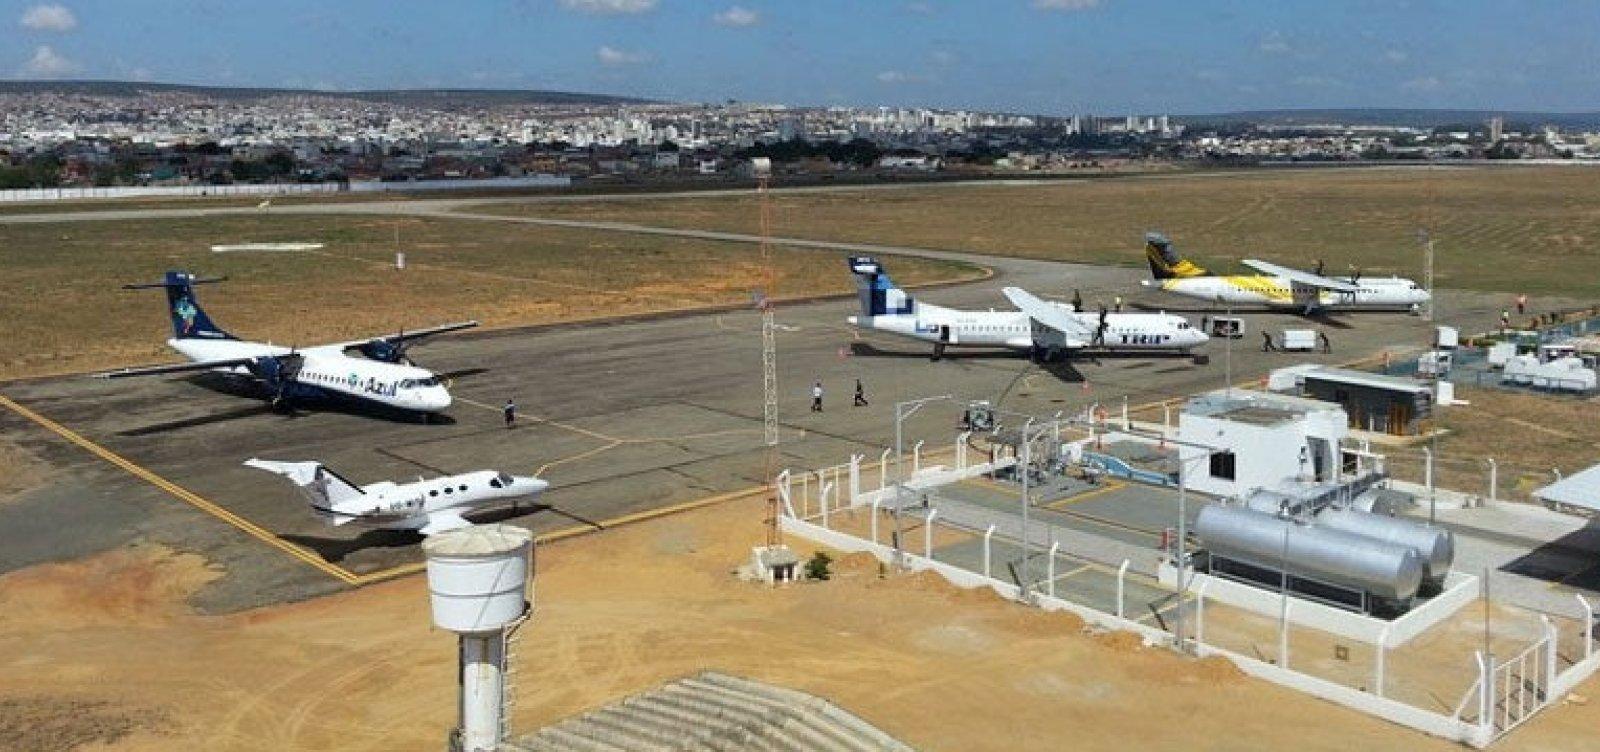 [Impacto do coronavírus na aviação pode chegar a US$113 bi, diz IATA]